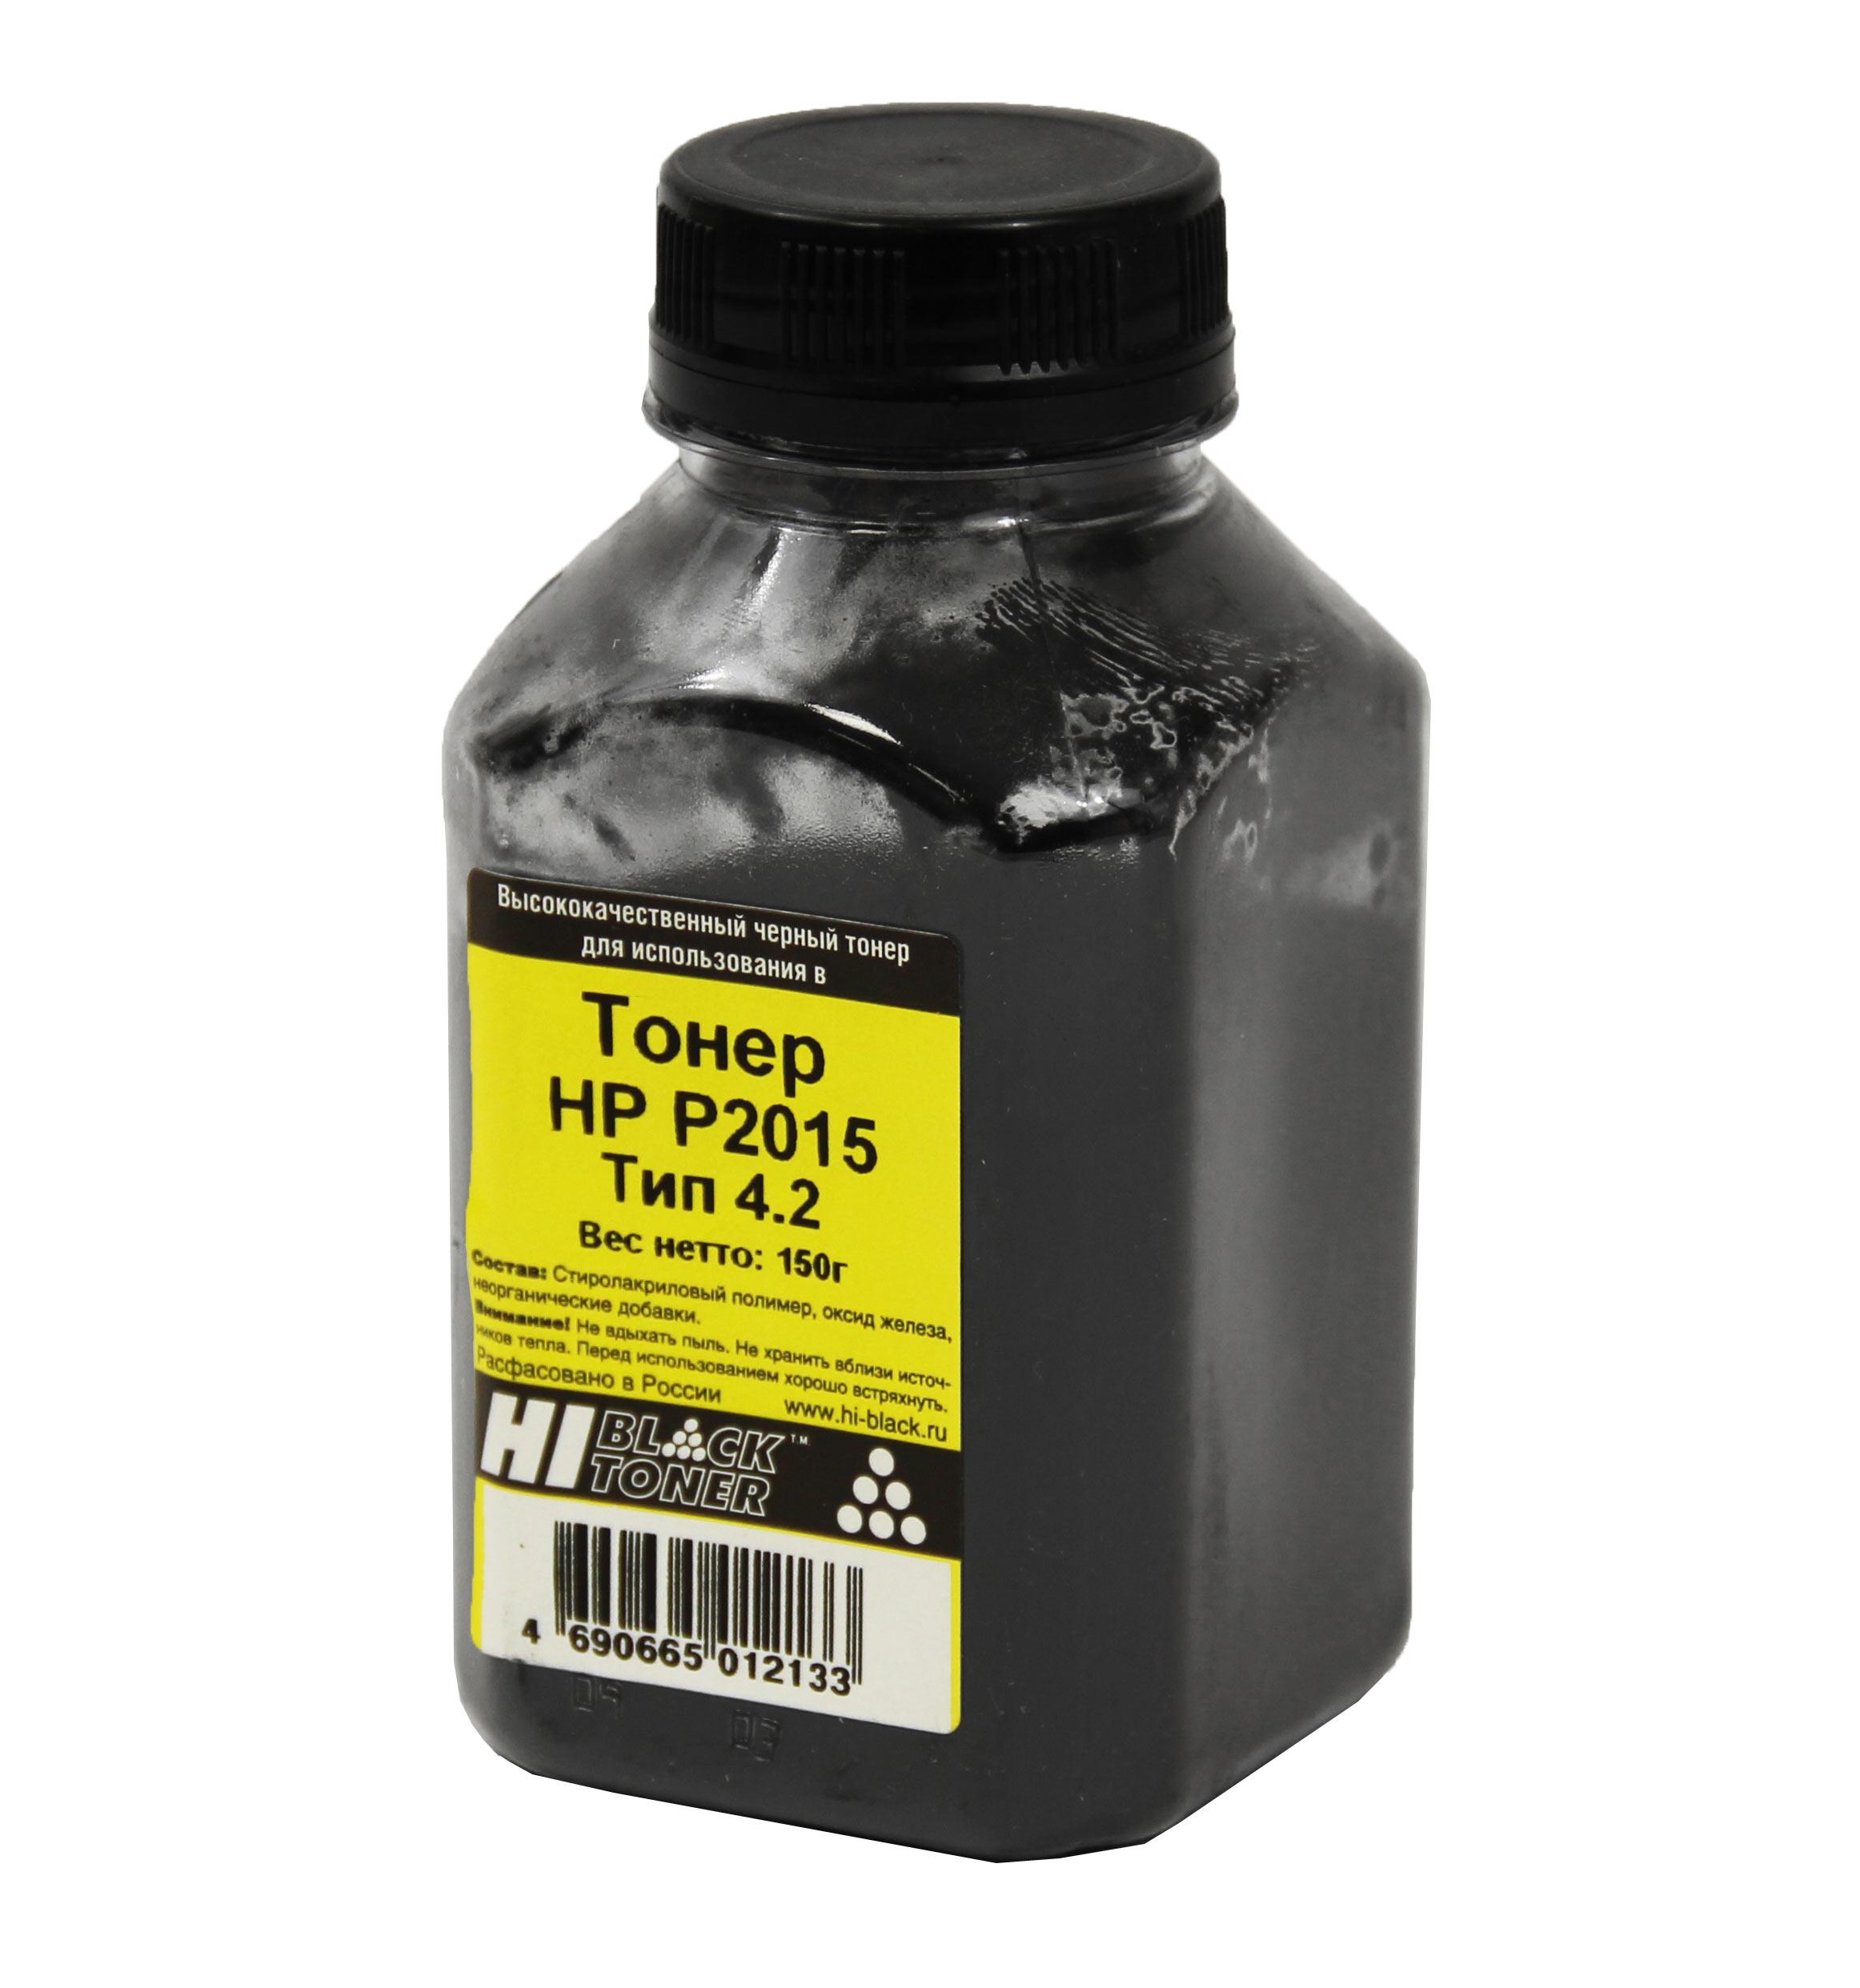 Тонер Hi-Black для HP LJ P2015, Тип 4.2, Bk, 150 г, банка